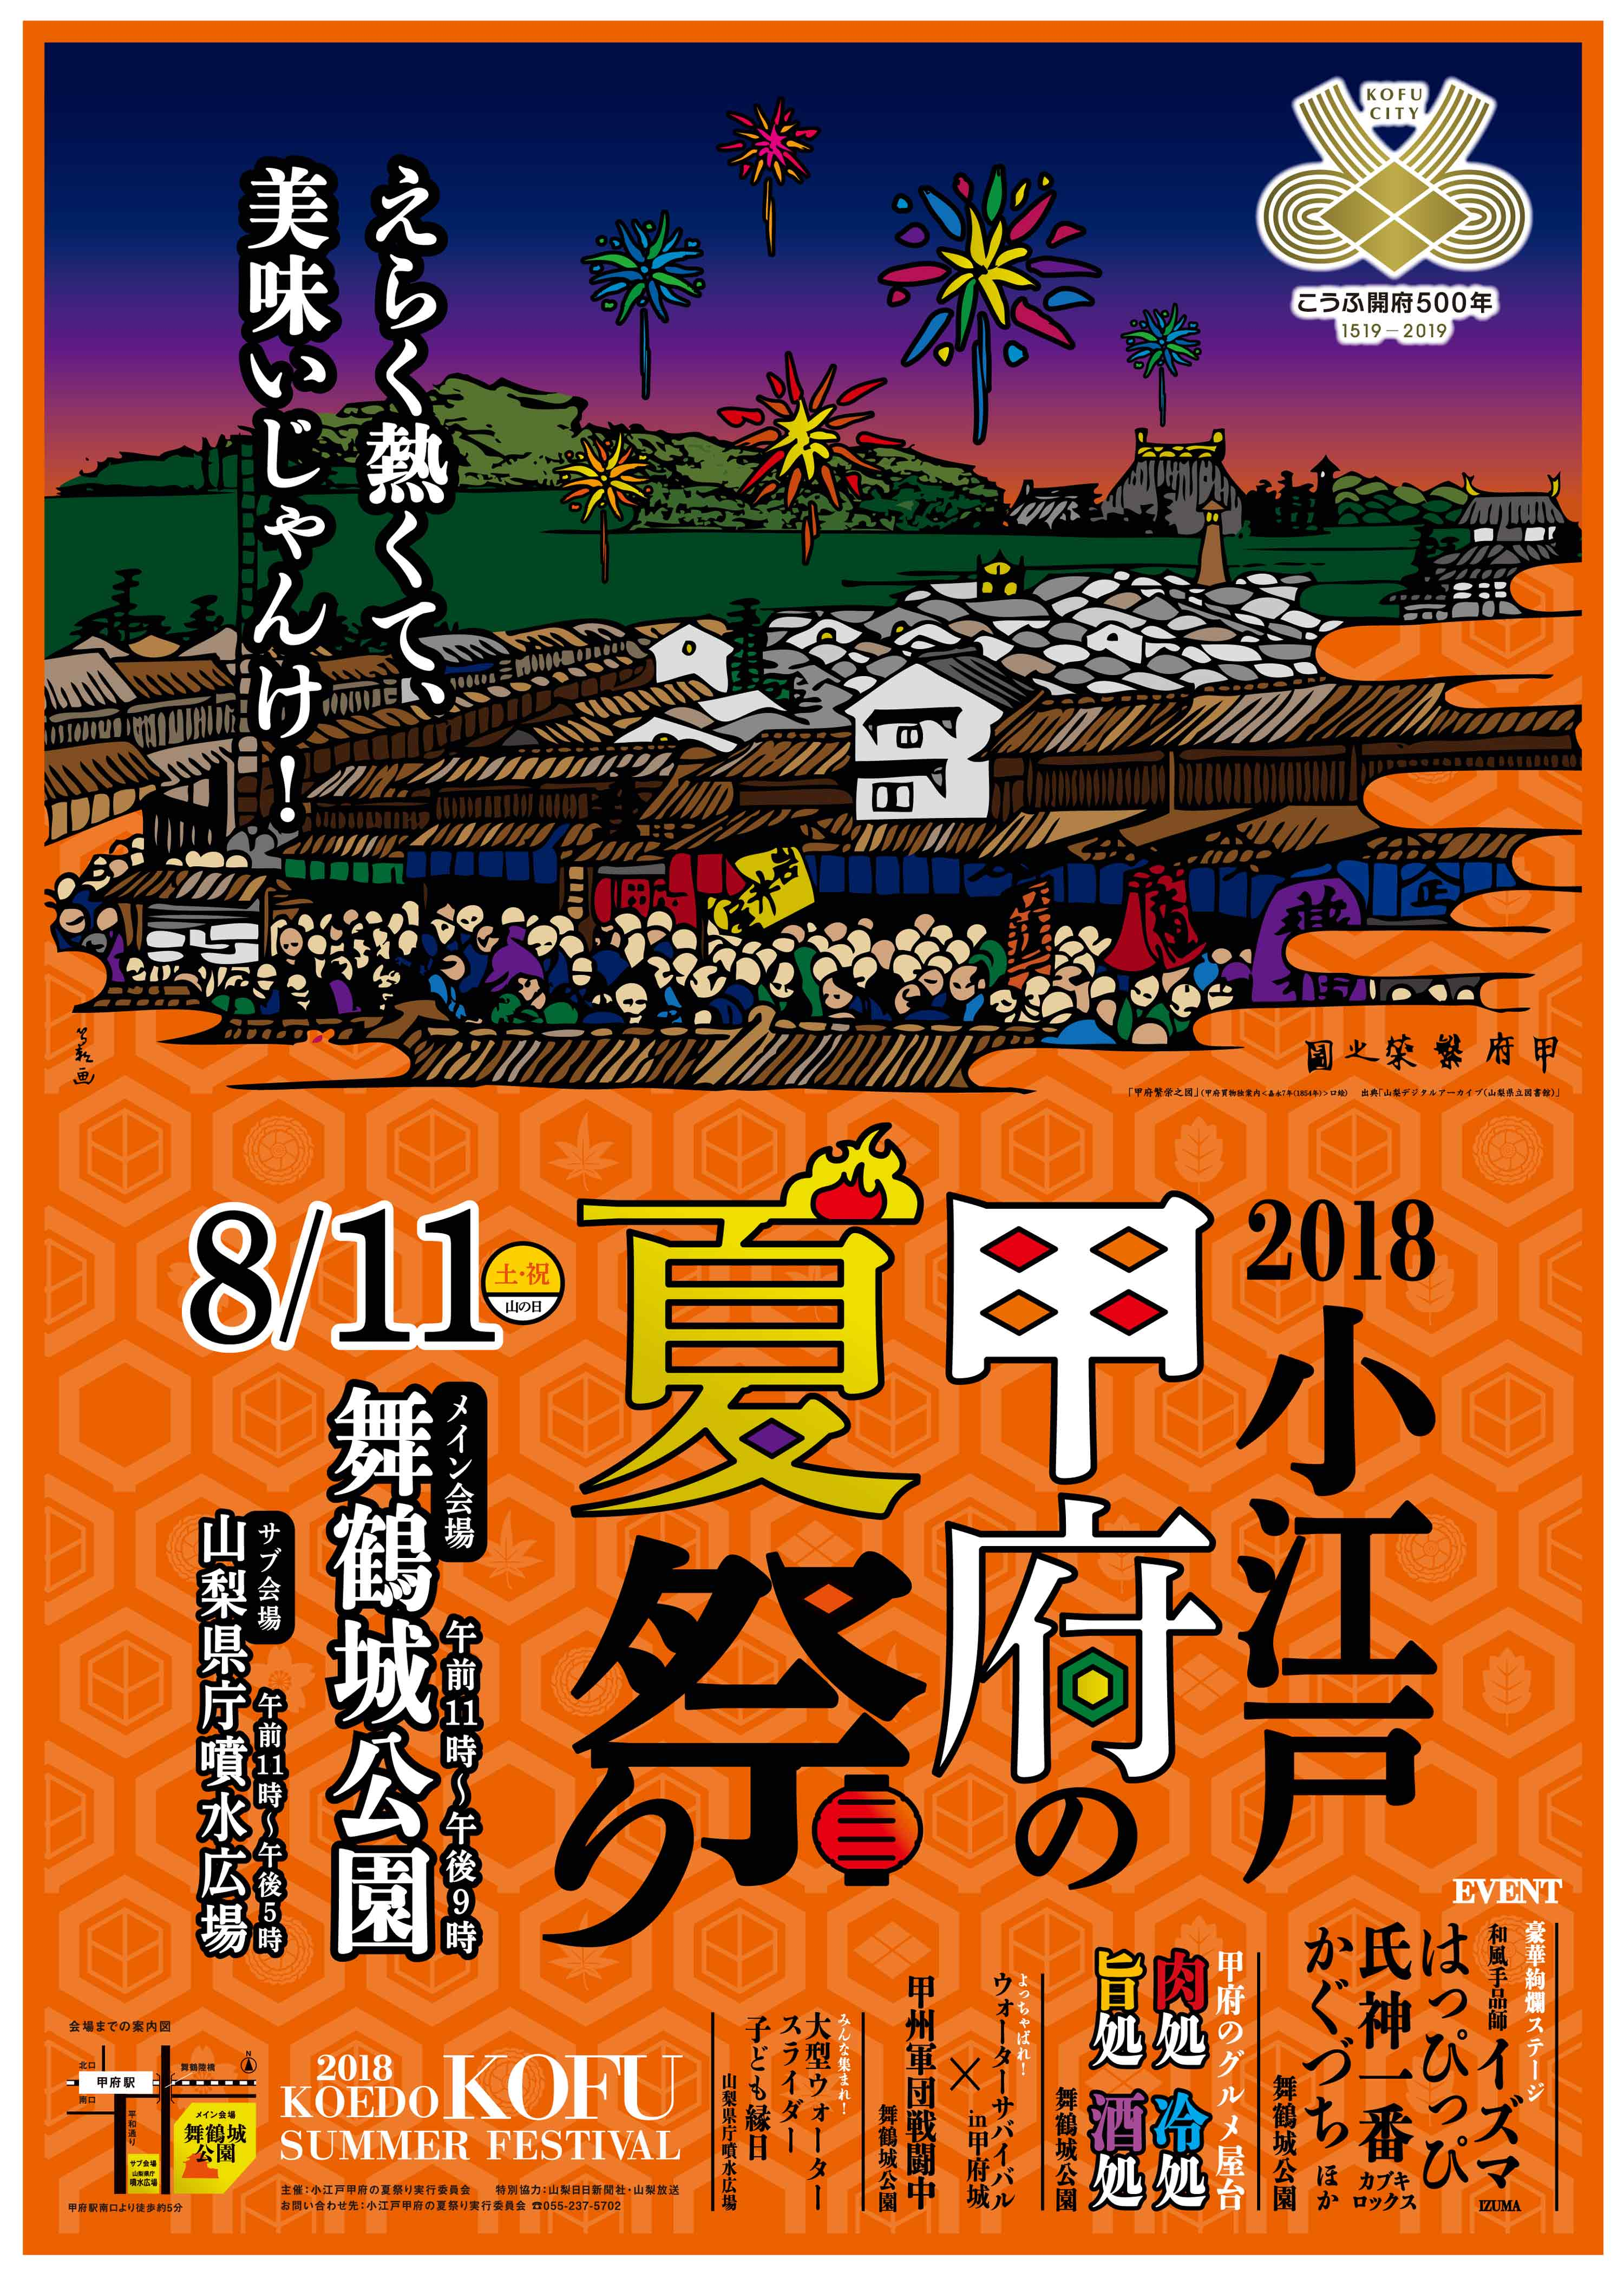 小江戸甲府の夏祭り アドブレーン社